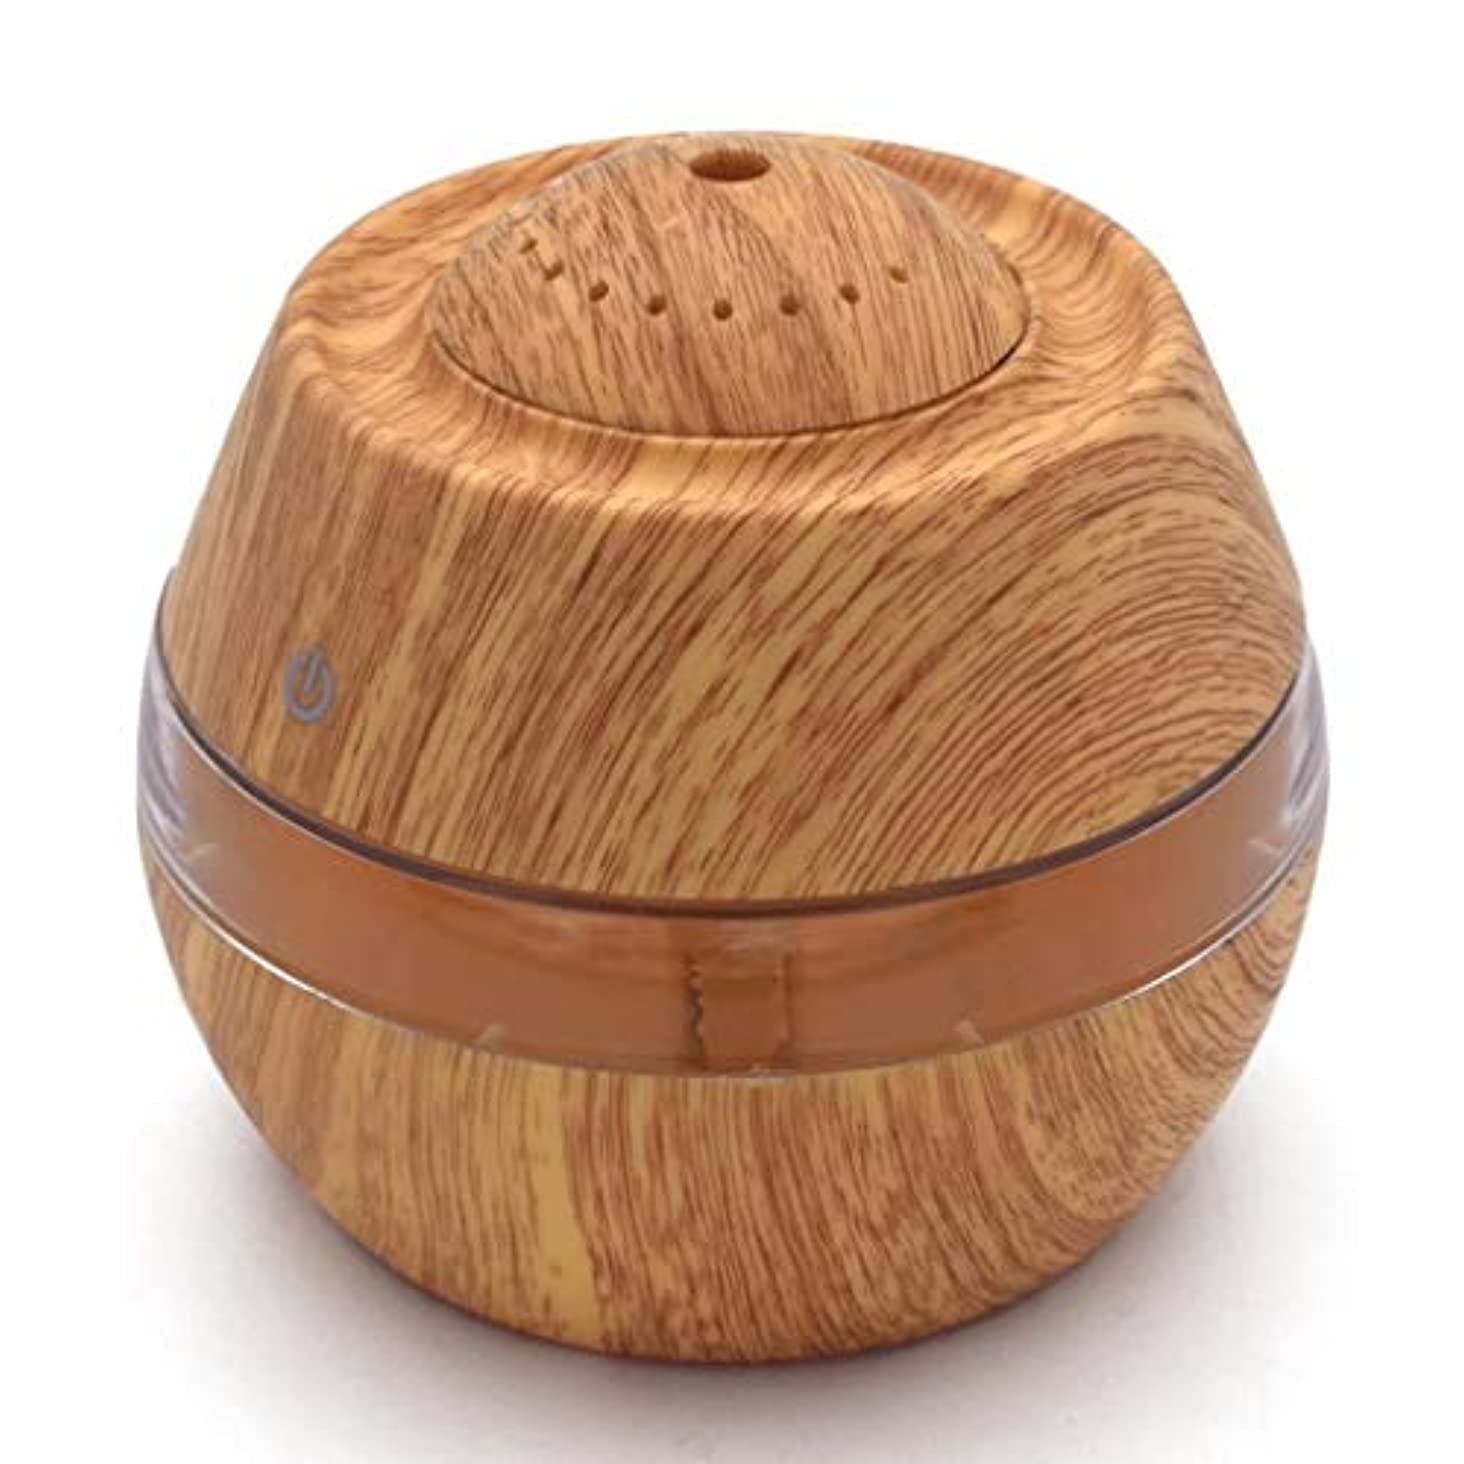 種湿地イタリックオイルディフューザーエッセンシャルオイル300ミリリットルエッセンシャルオイルディフューザー電気超音波加湿器アロマ用ベビールームホームスパギフト用女性 (Color : Light Wood Grain)